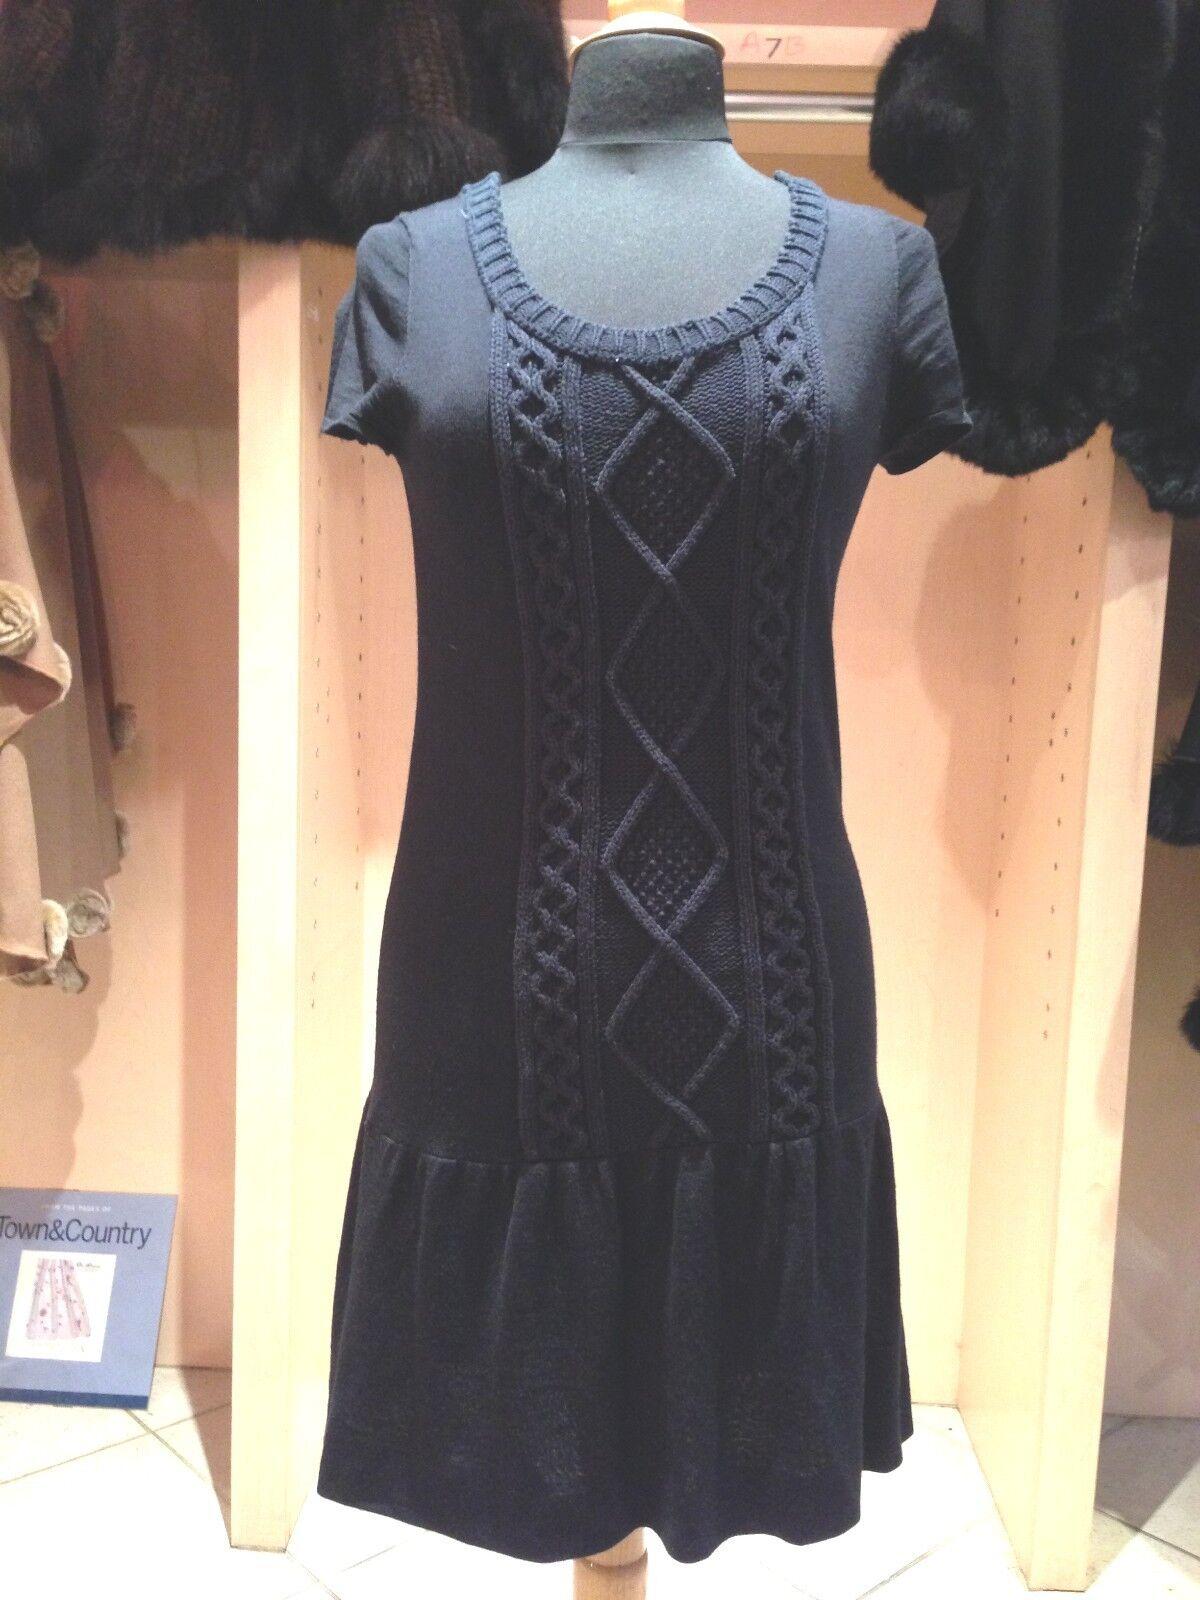 Iisli Medianoche  De Lana Azul vestido de punto grueso Cable Centro colocación Tamaño Pequeño  buena calidad